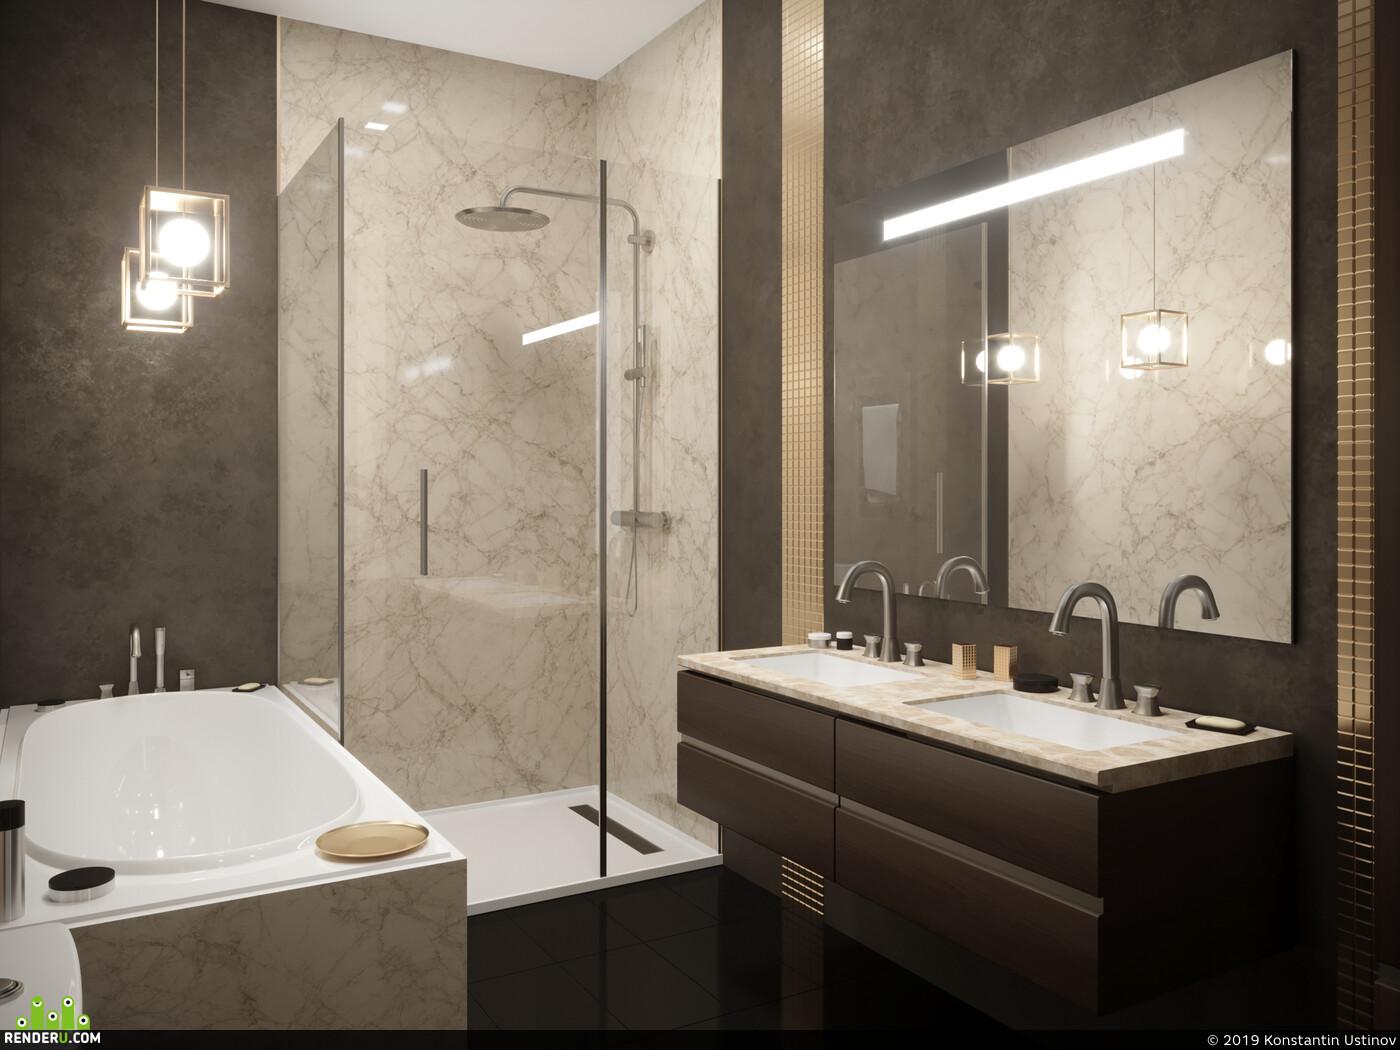 Ванна, Моделирование, 3d моделирование